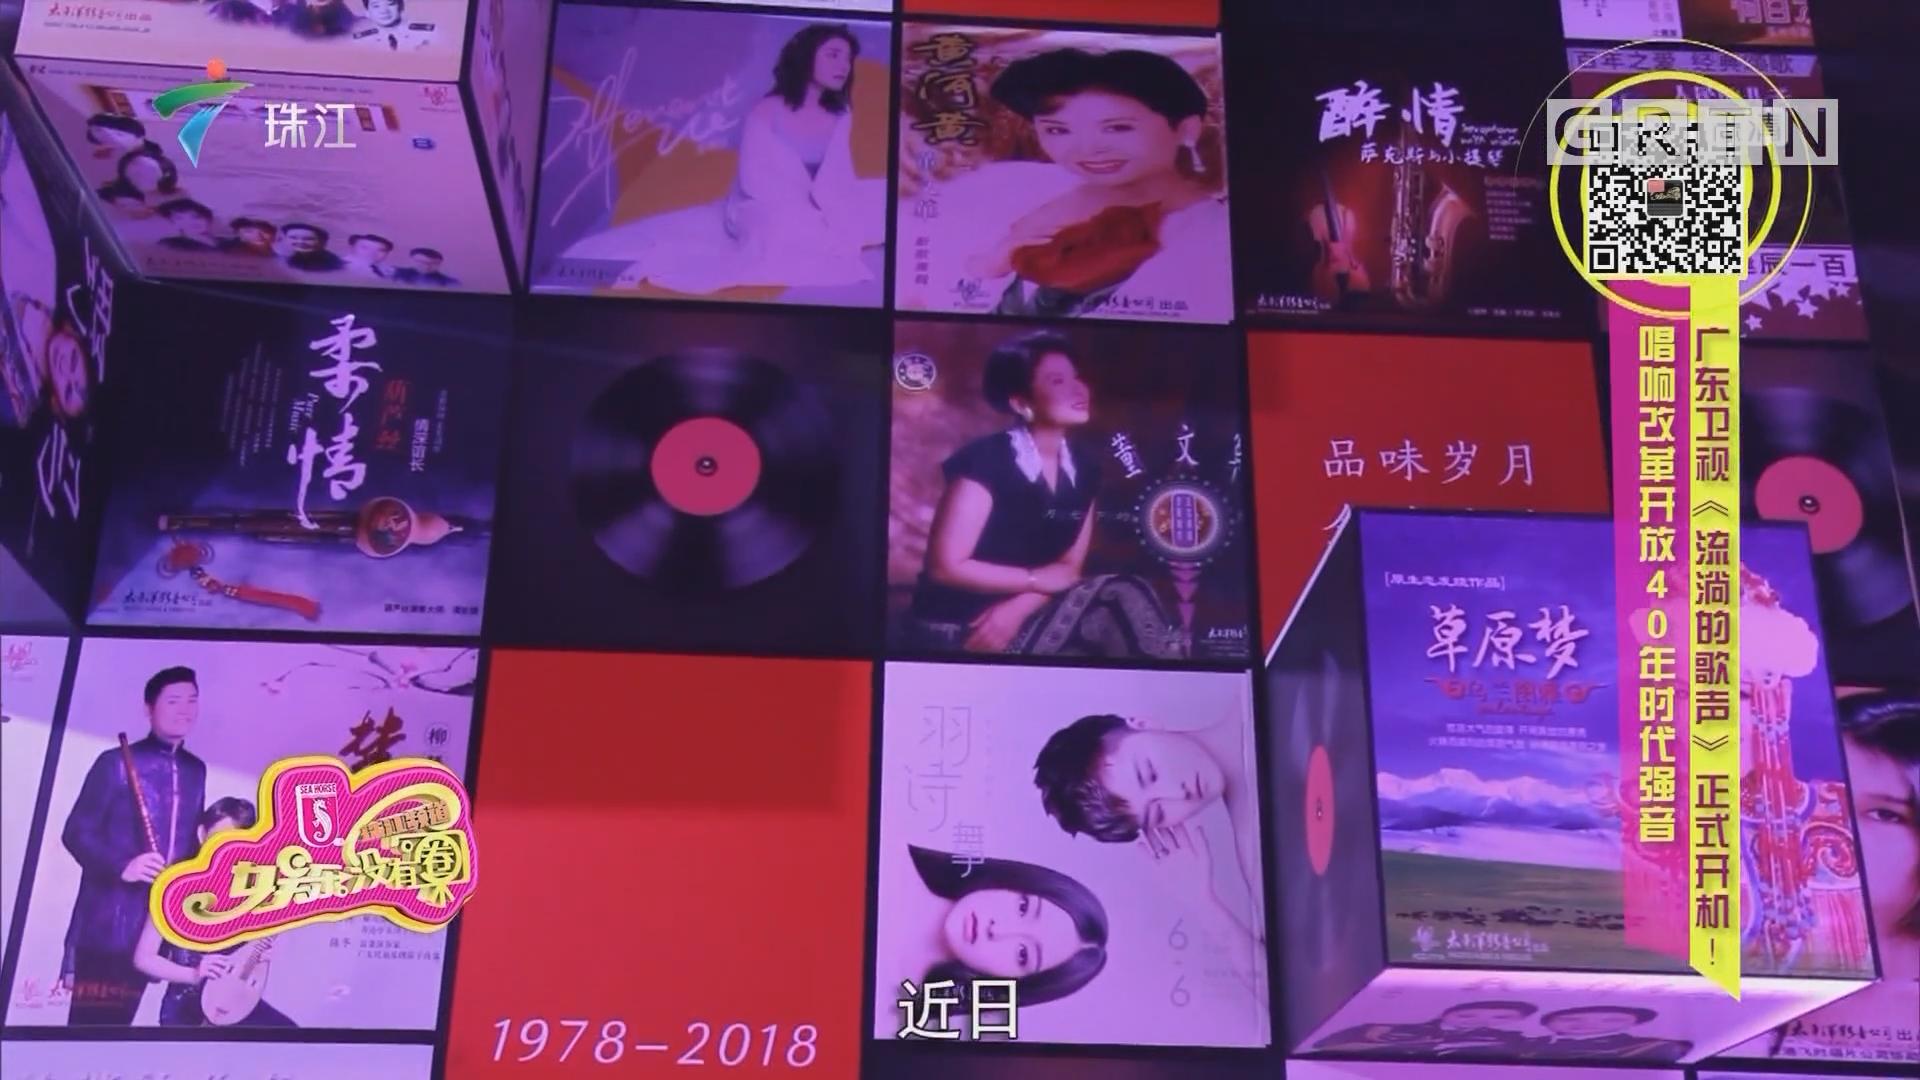 广东卫视《流淌的歌声》正式开机!唱响改革开放40年时代强音